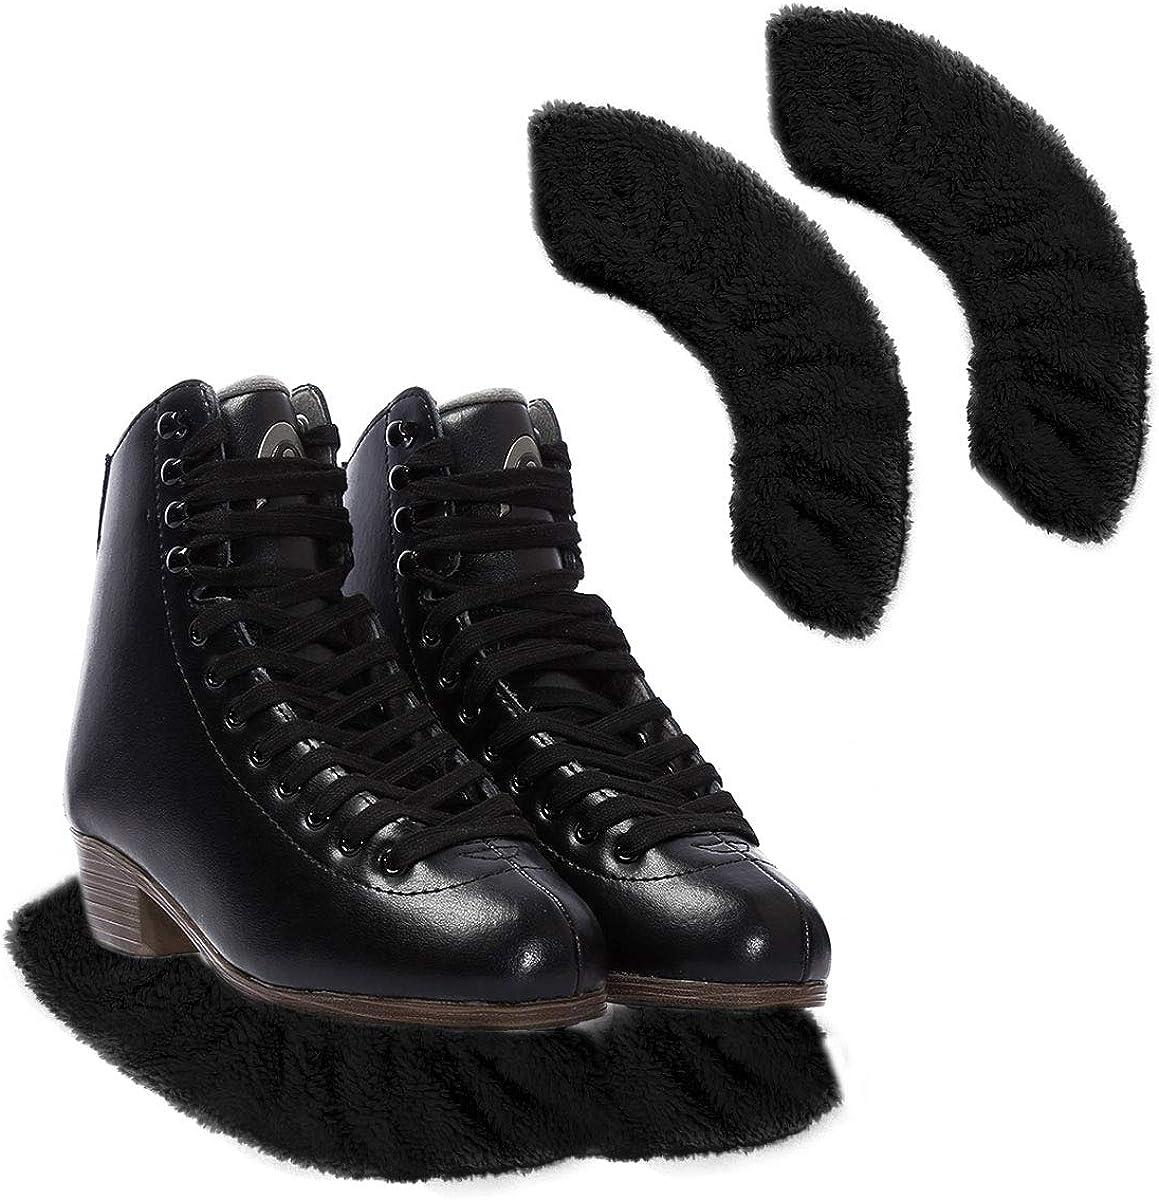 ranrann Prot/ège-lames pour Chaussures de Patinage Patins /à Glace Protection Anti-rouille Couvre-lames Fournitures Patinage Hockey sur Glace Protection Couverture Elastique